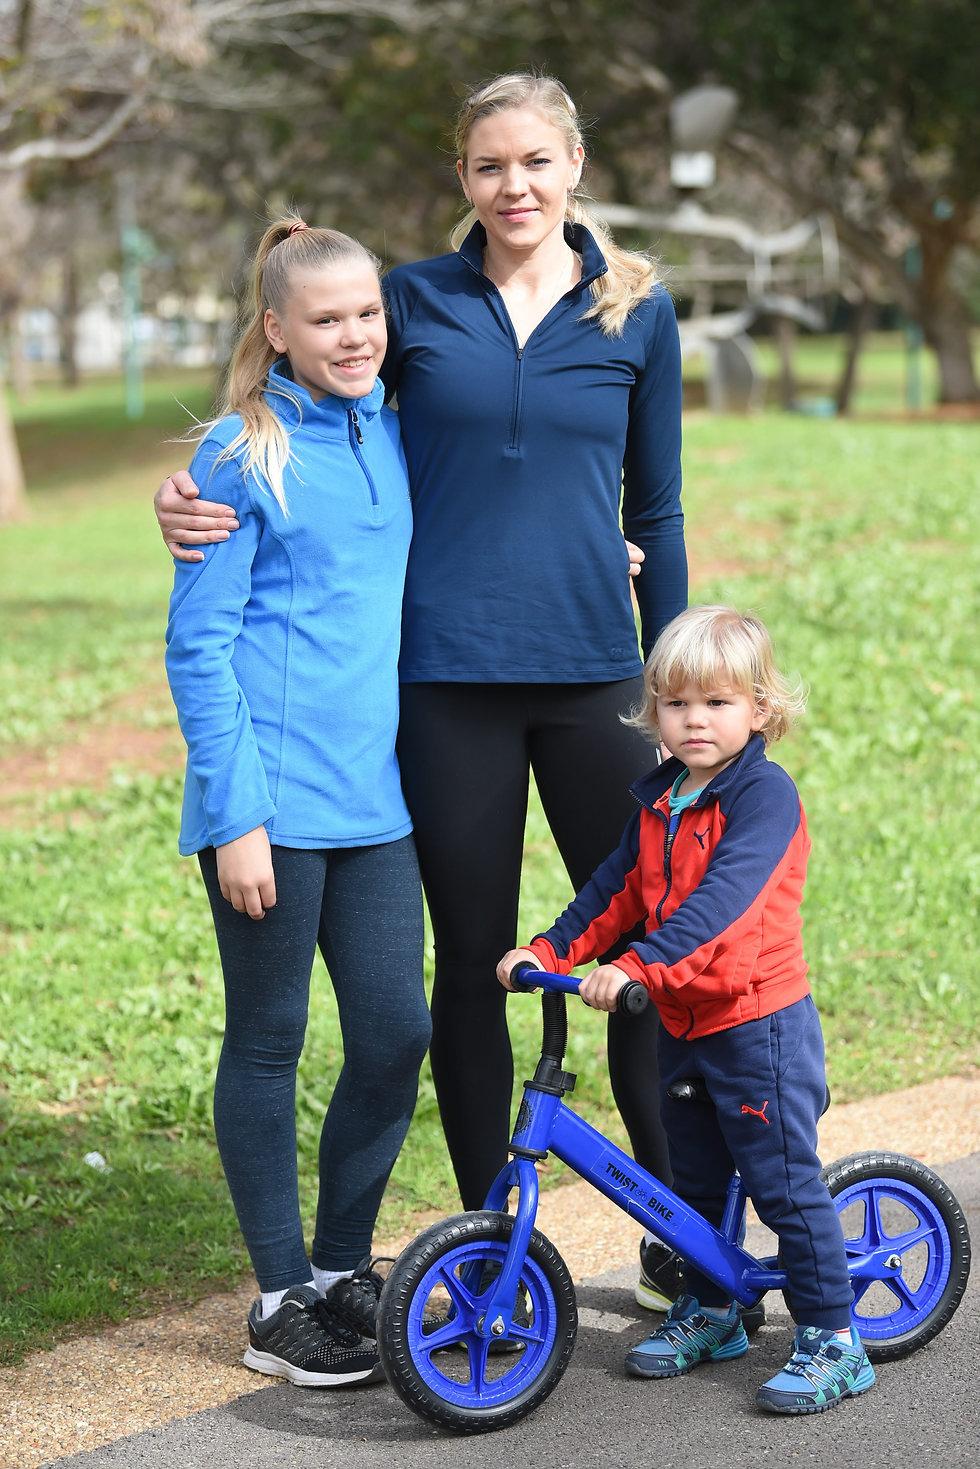 אניה ויליקי עם ילדיה, קטיה וטים (צילום: יאיר שגיא)